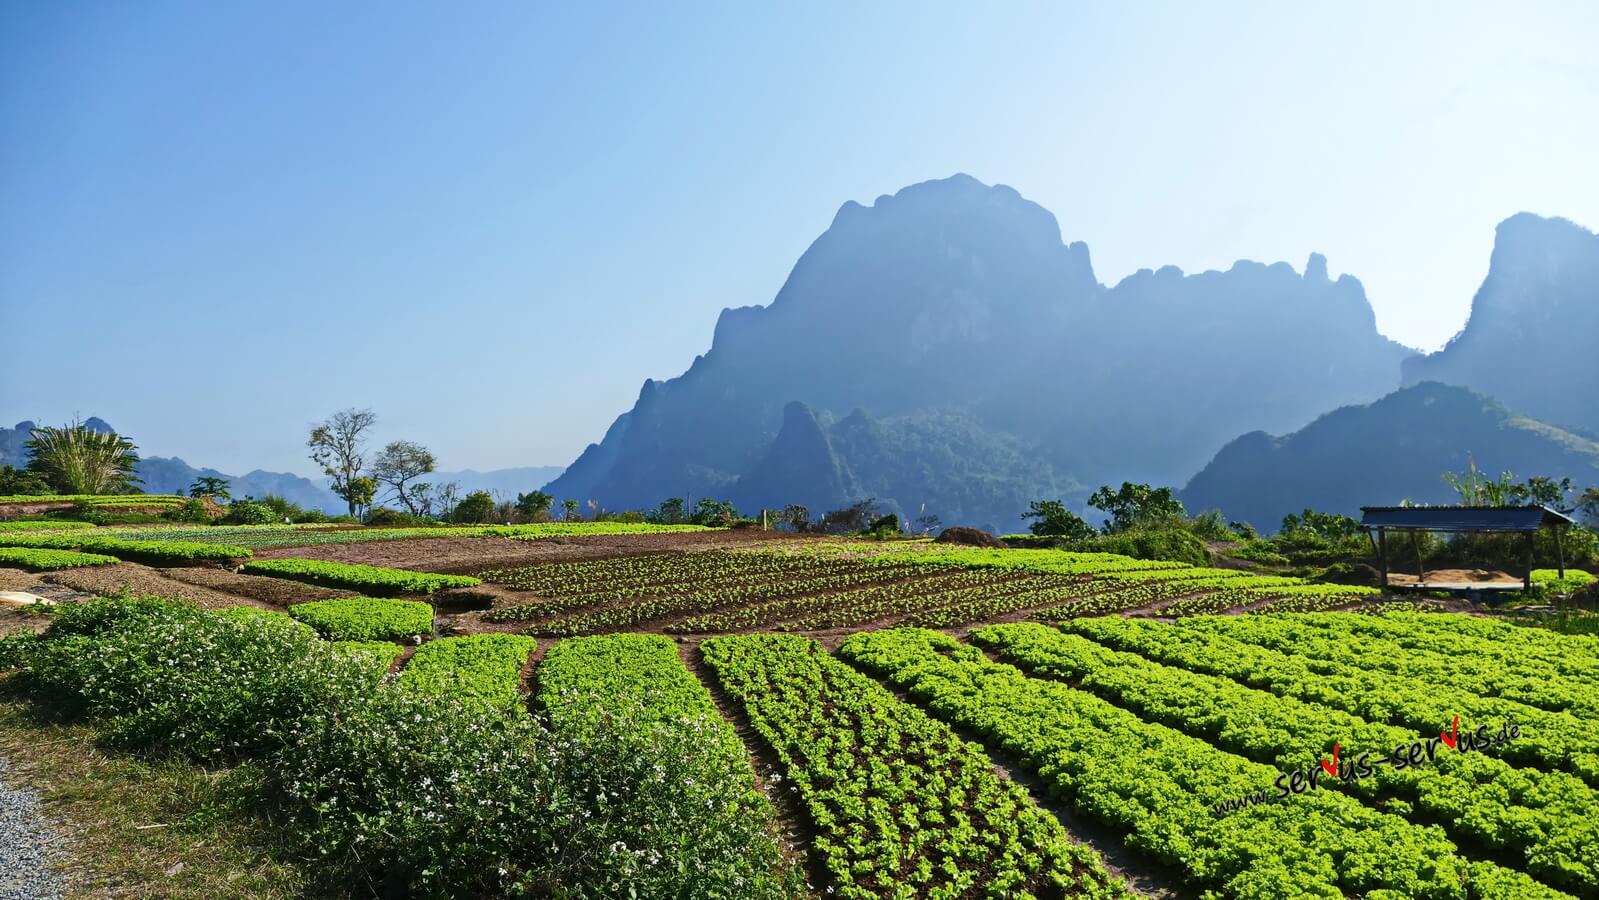 Gemüsefelder in den bergen von Laos